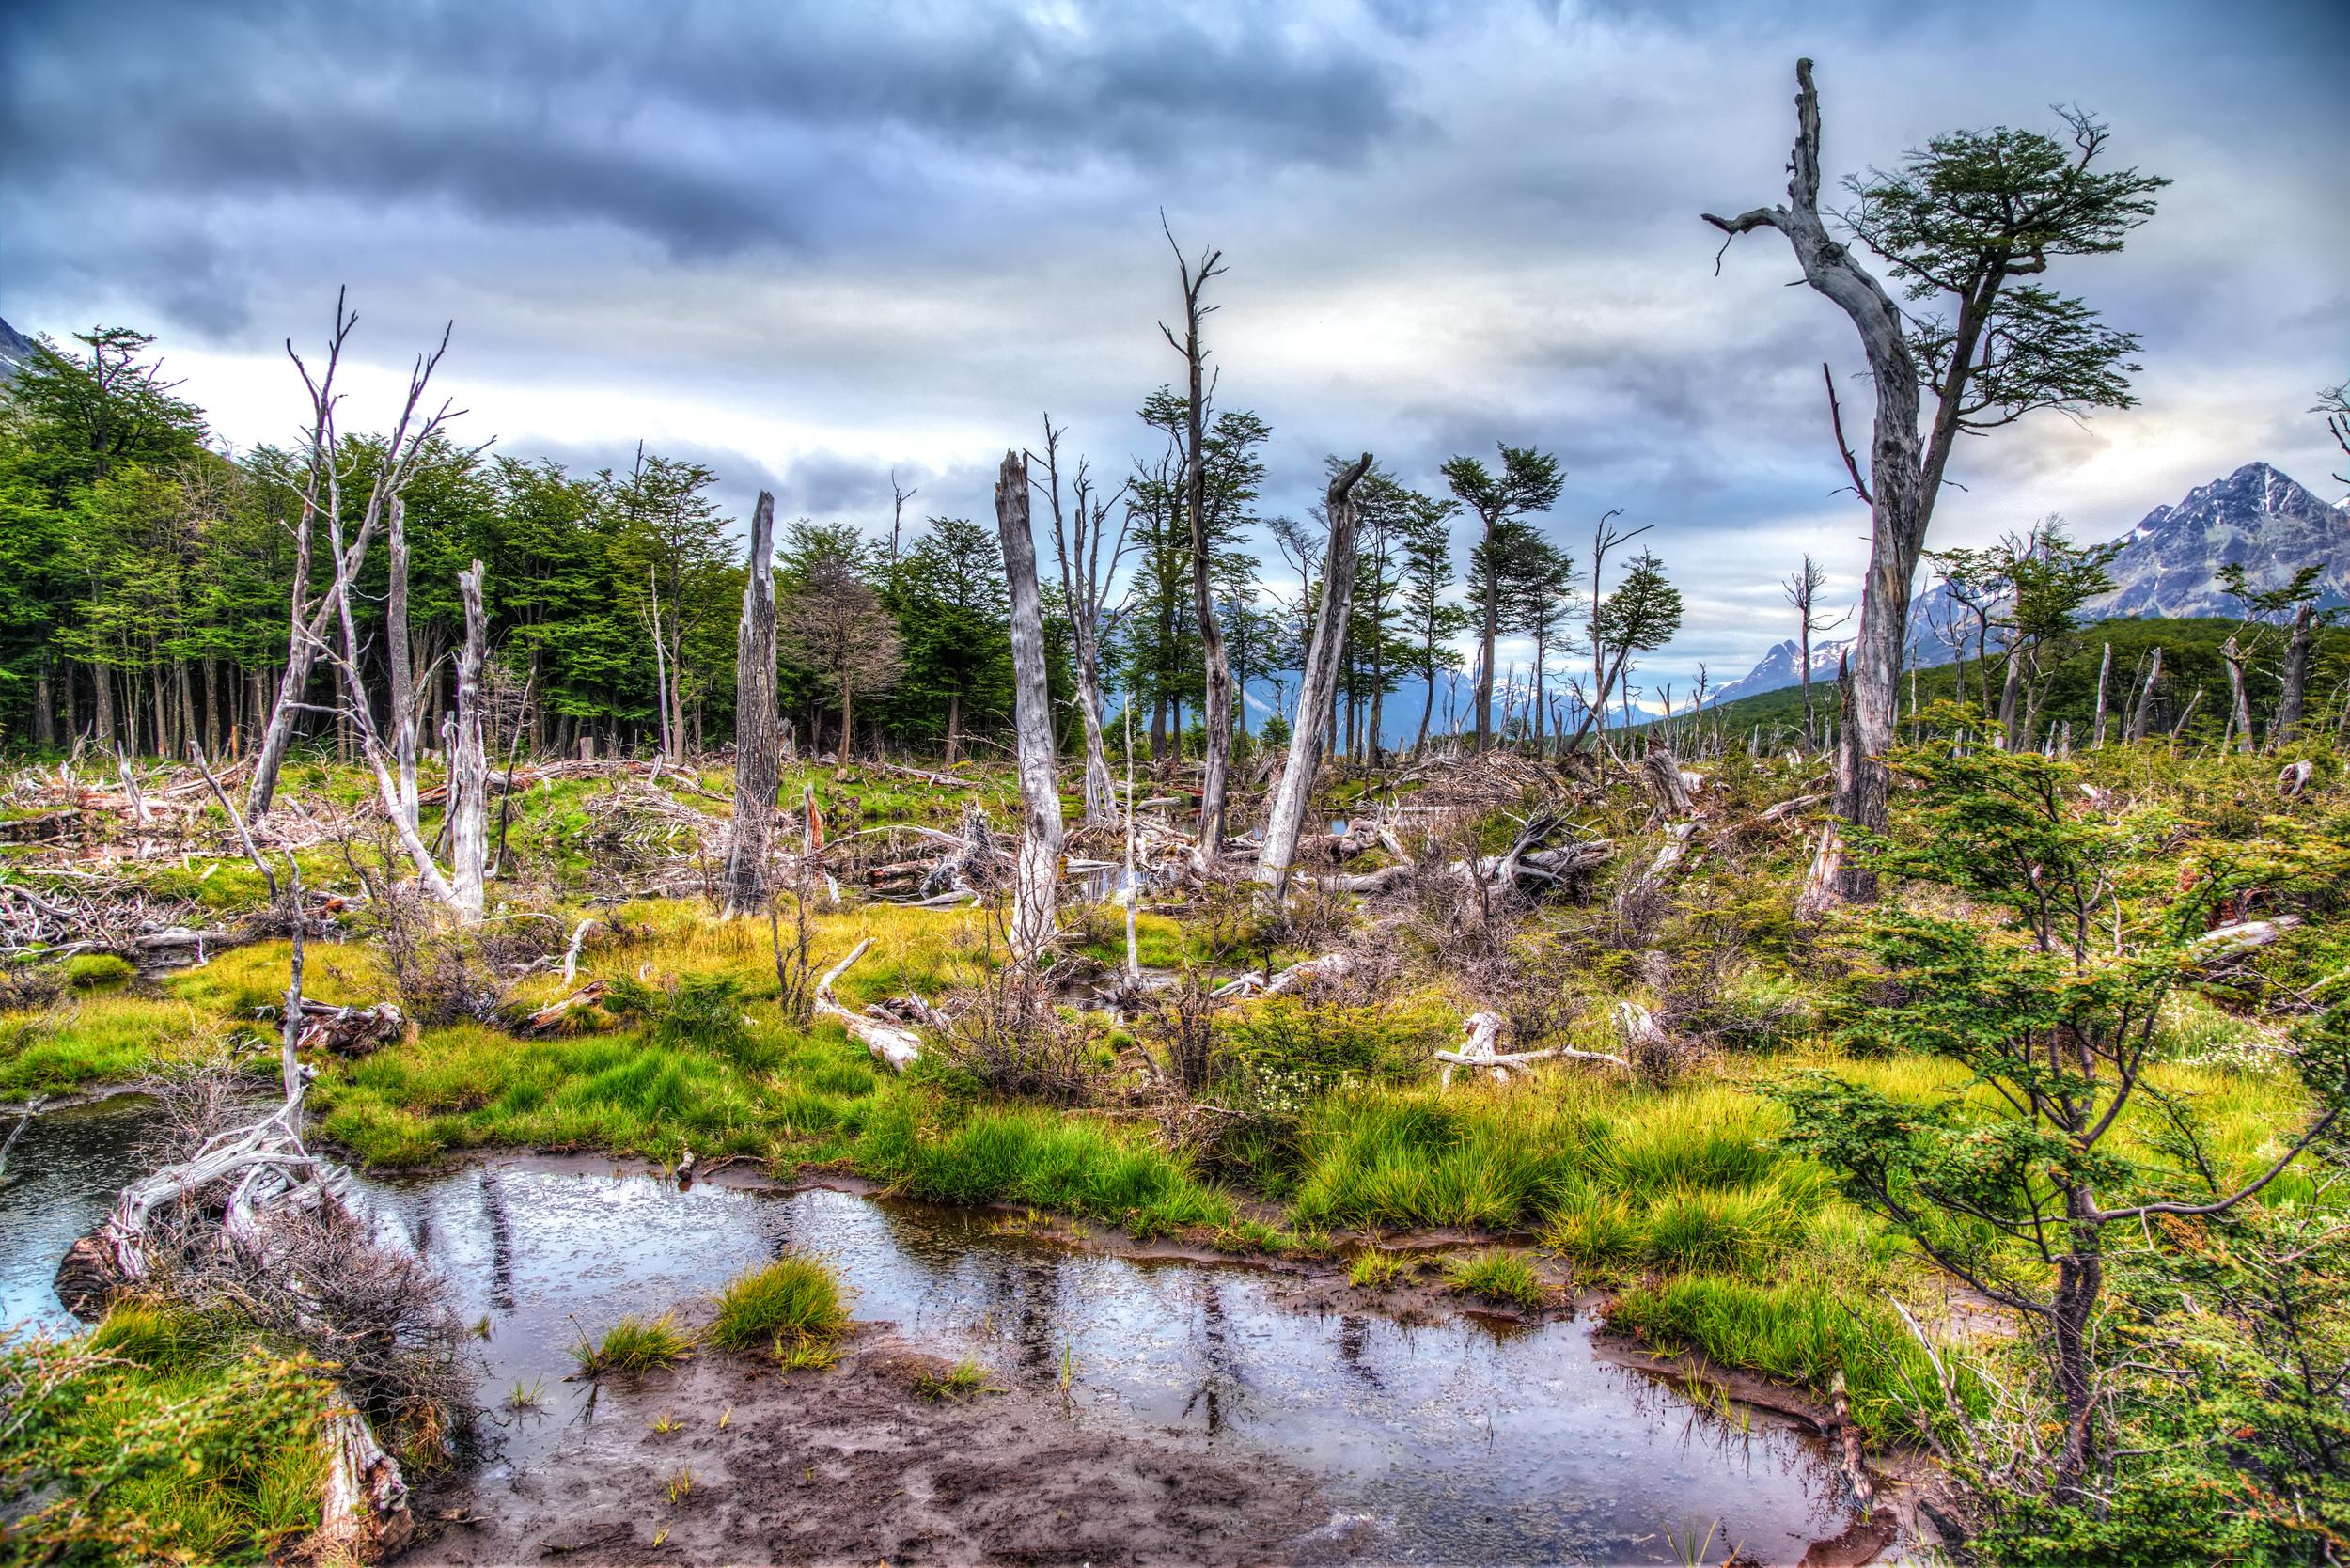 The Desolation Of Tierra del Fuego